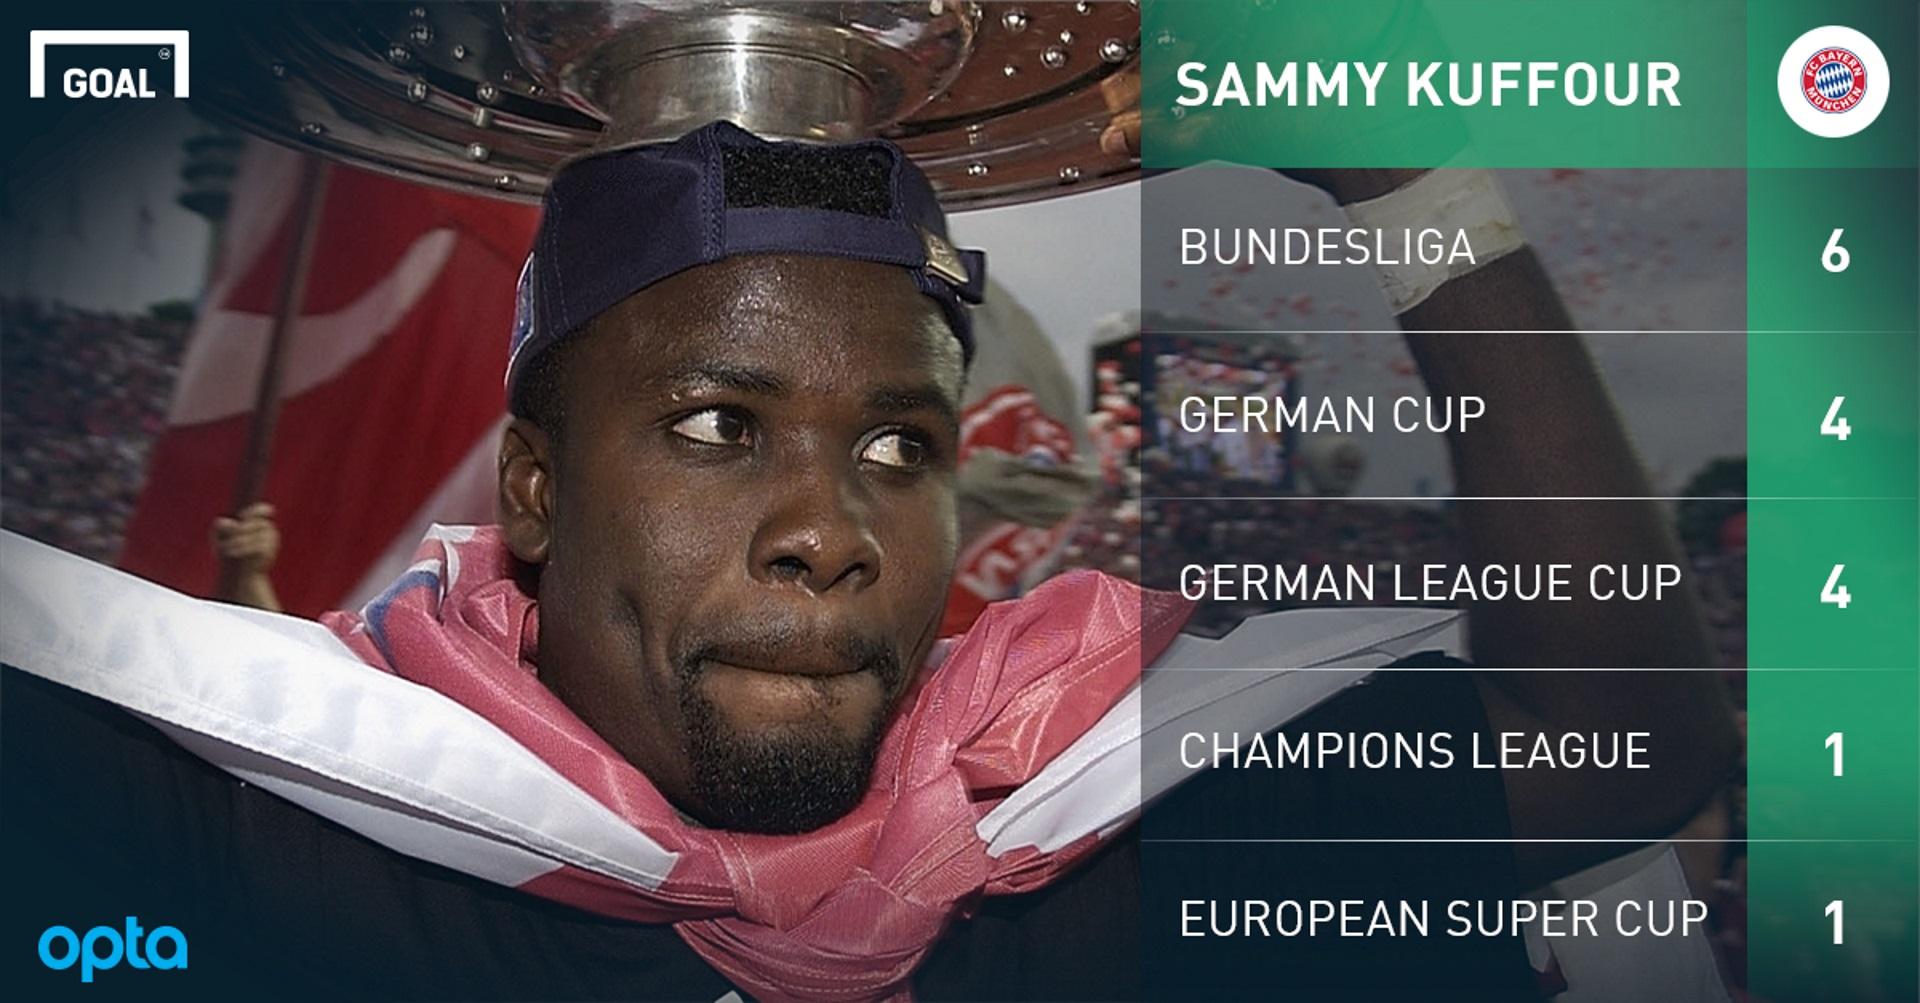 Sammy Kuffour Playing Surface